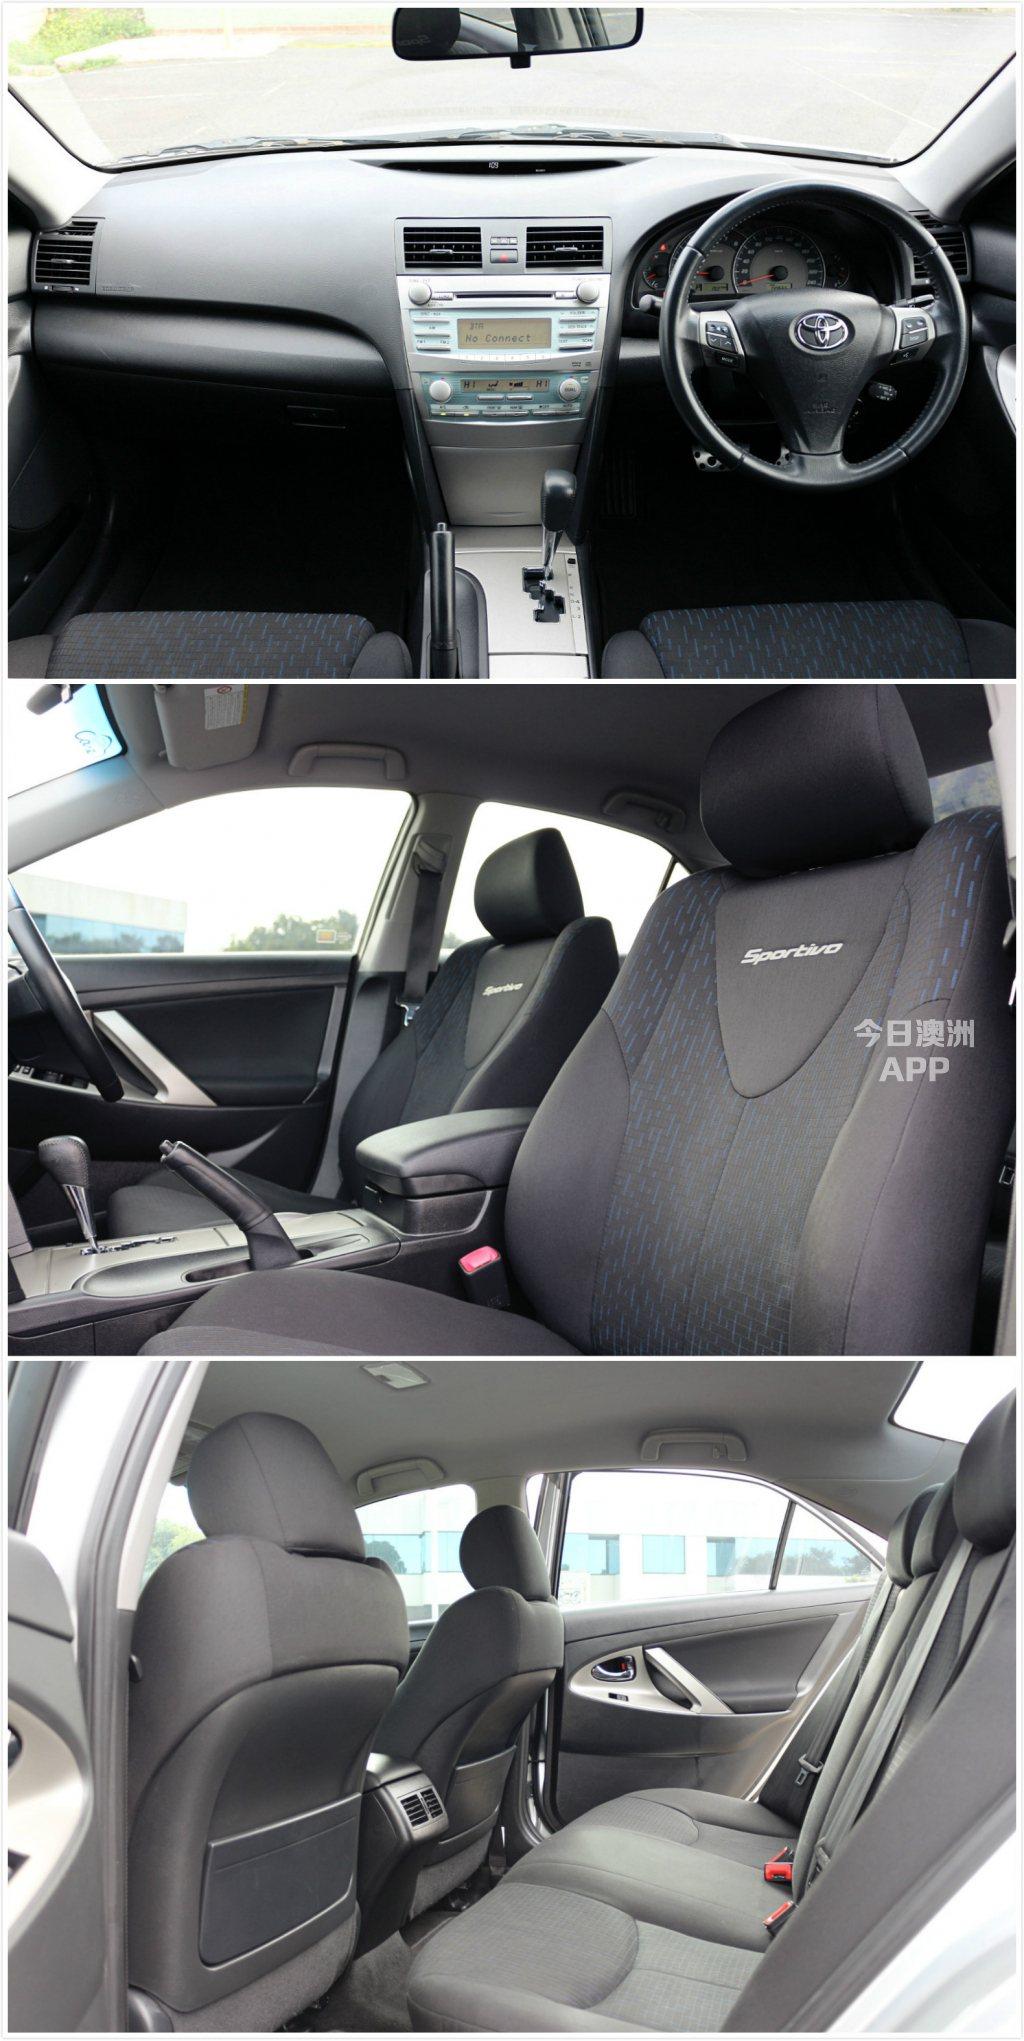 010年Toyota Camry Sportivo 运动版 省油稳定可靠 日常代步之首选